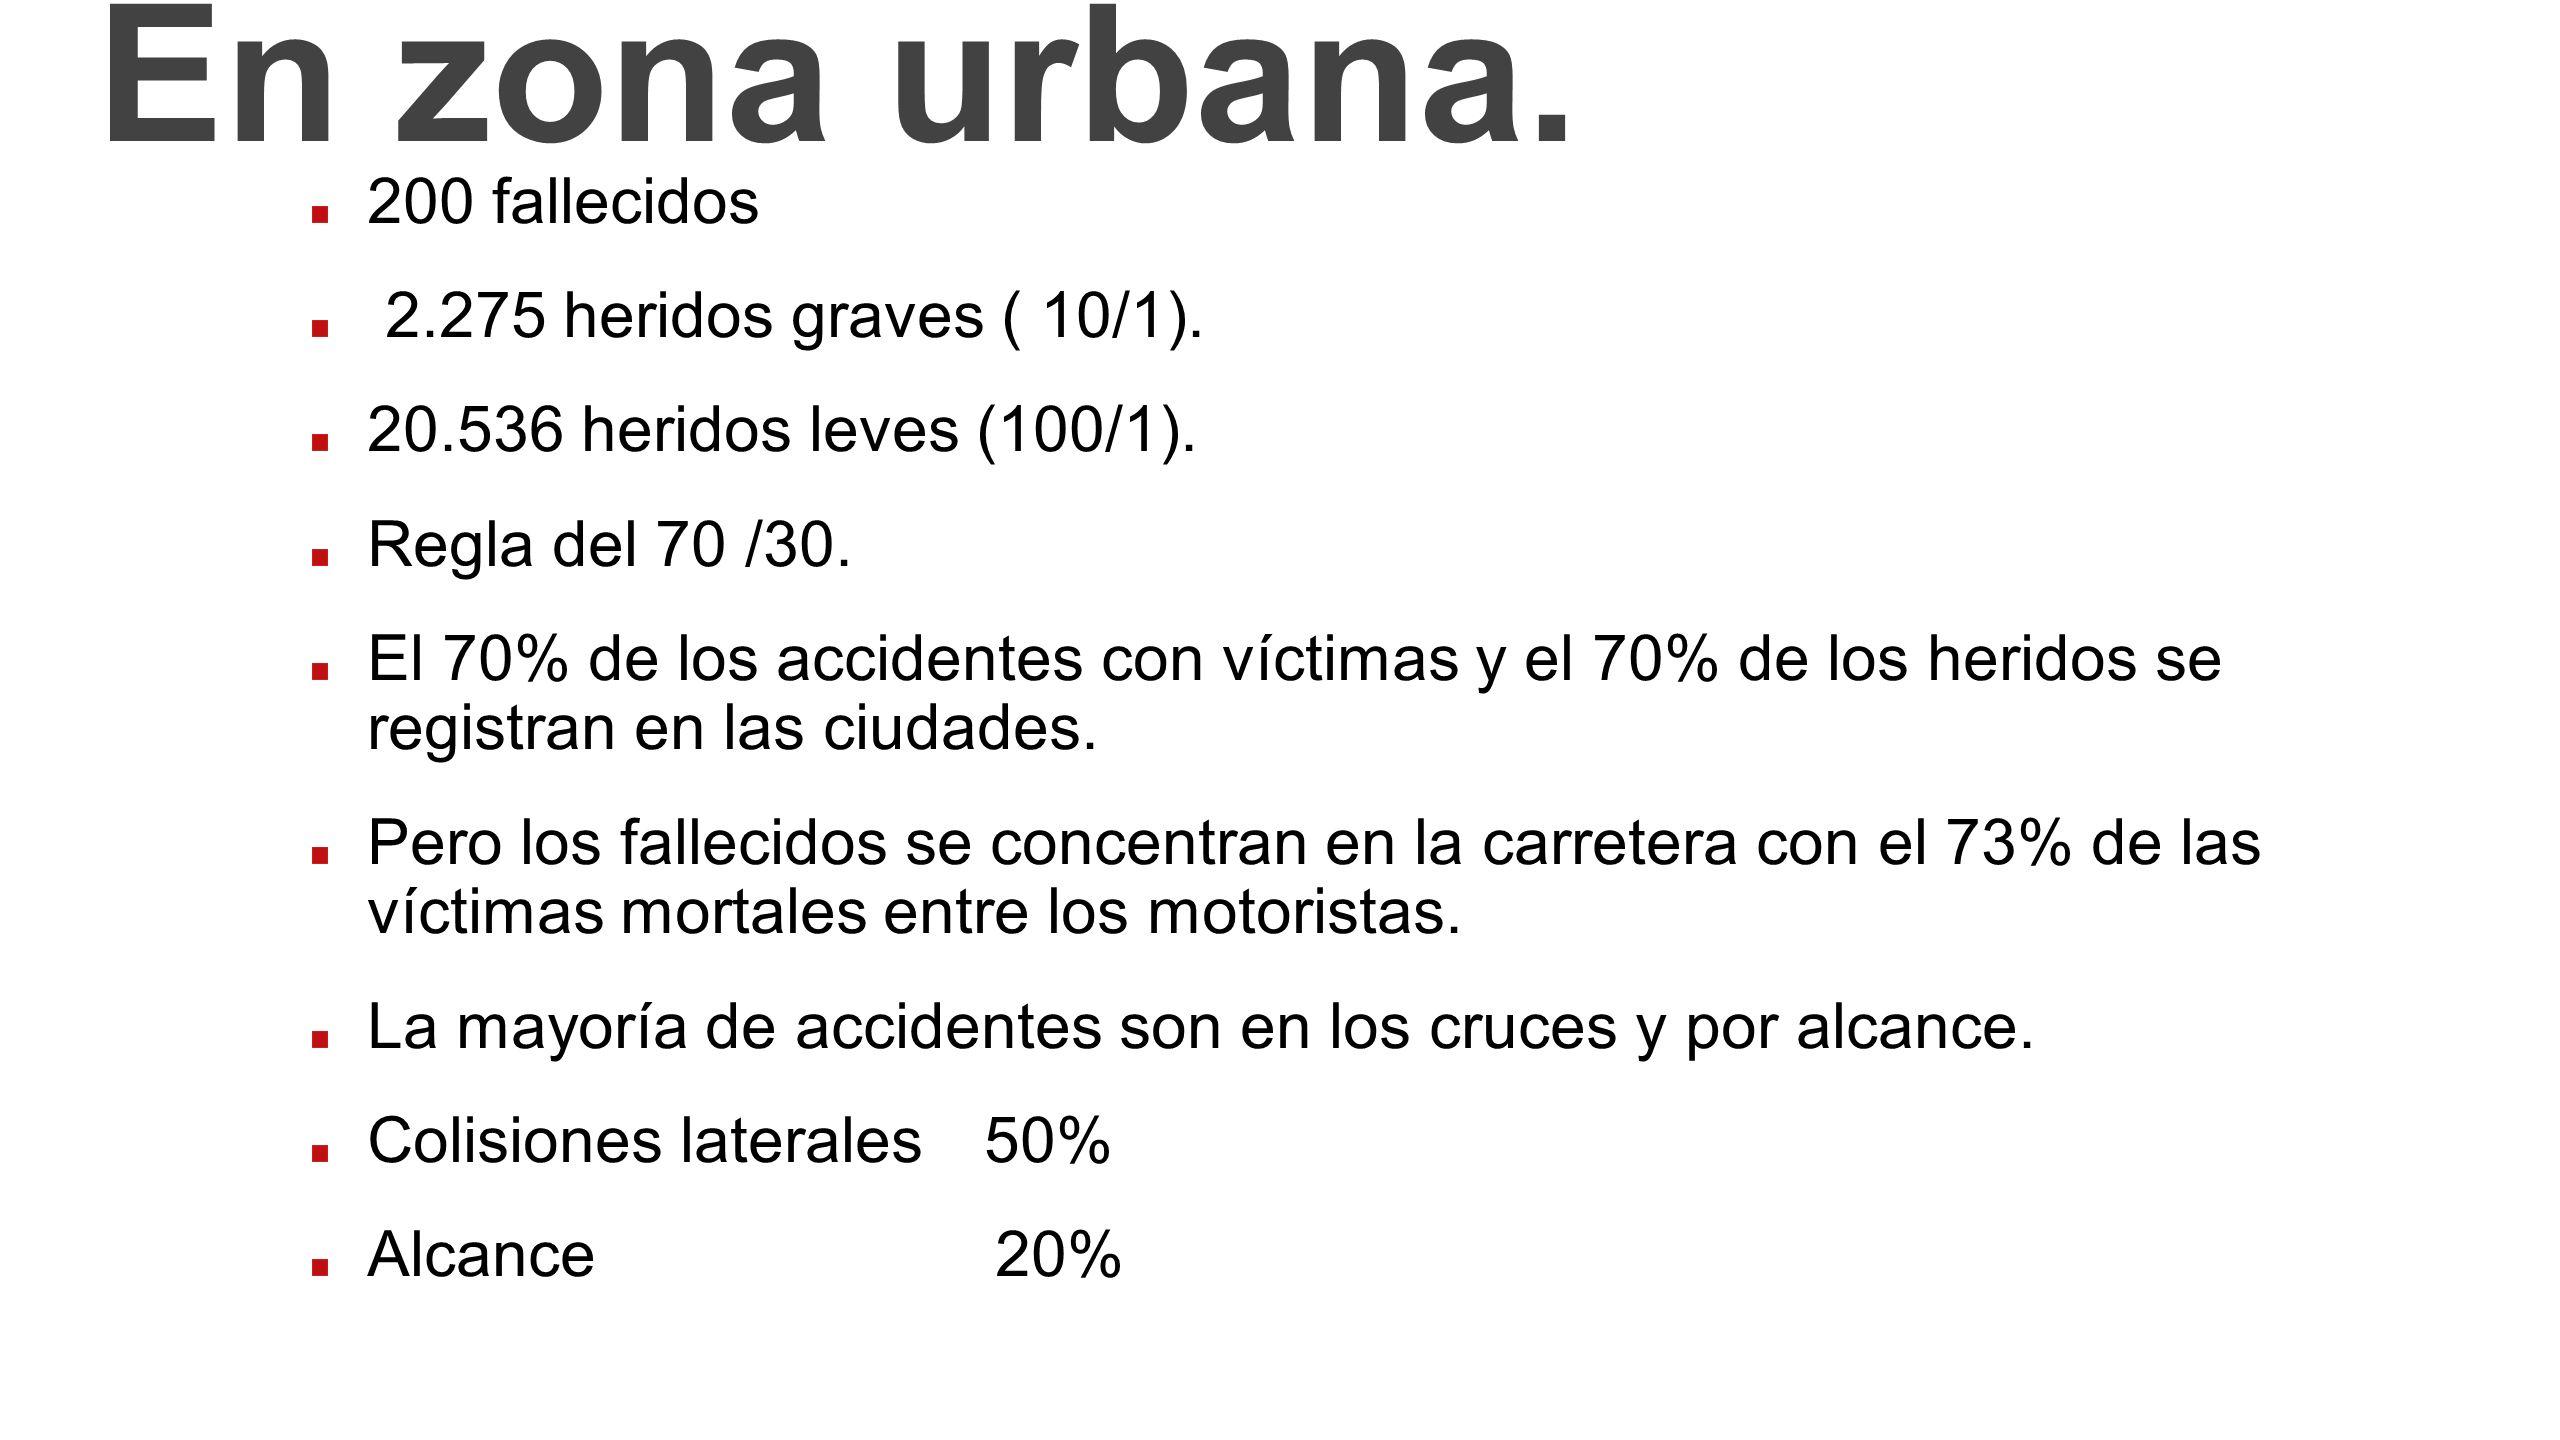 En zona urbana. 200 fallecidos 2.275 heridos graves ( 10/1). 20.536 heridos leves (100/1). Regla del 70 /30. El 70% de los accidentes con víctimas y e